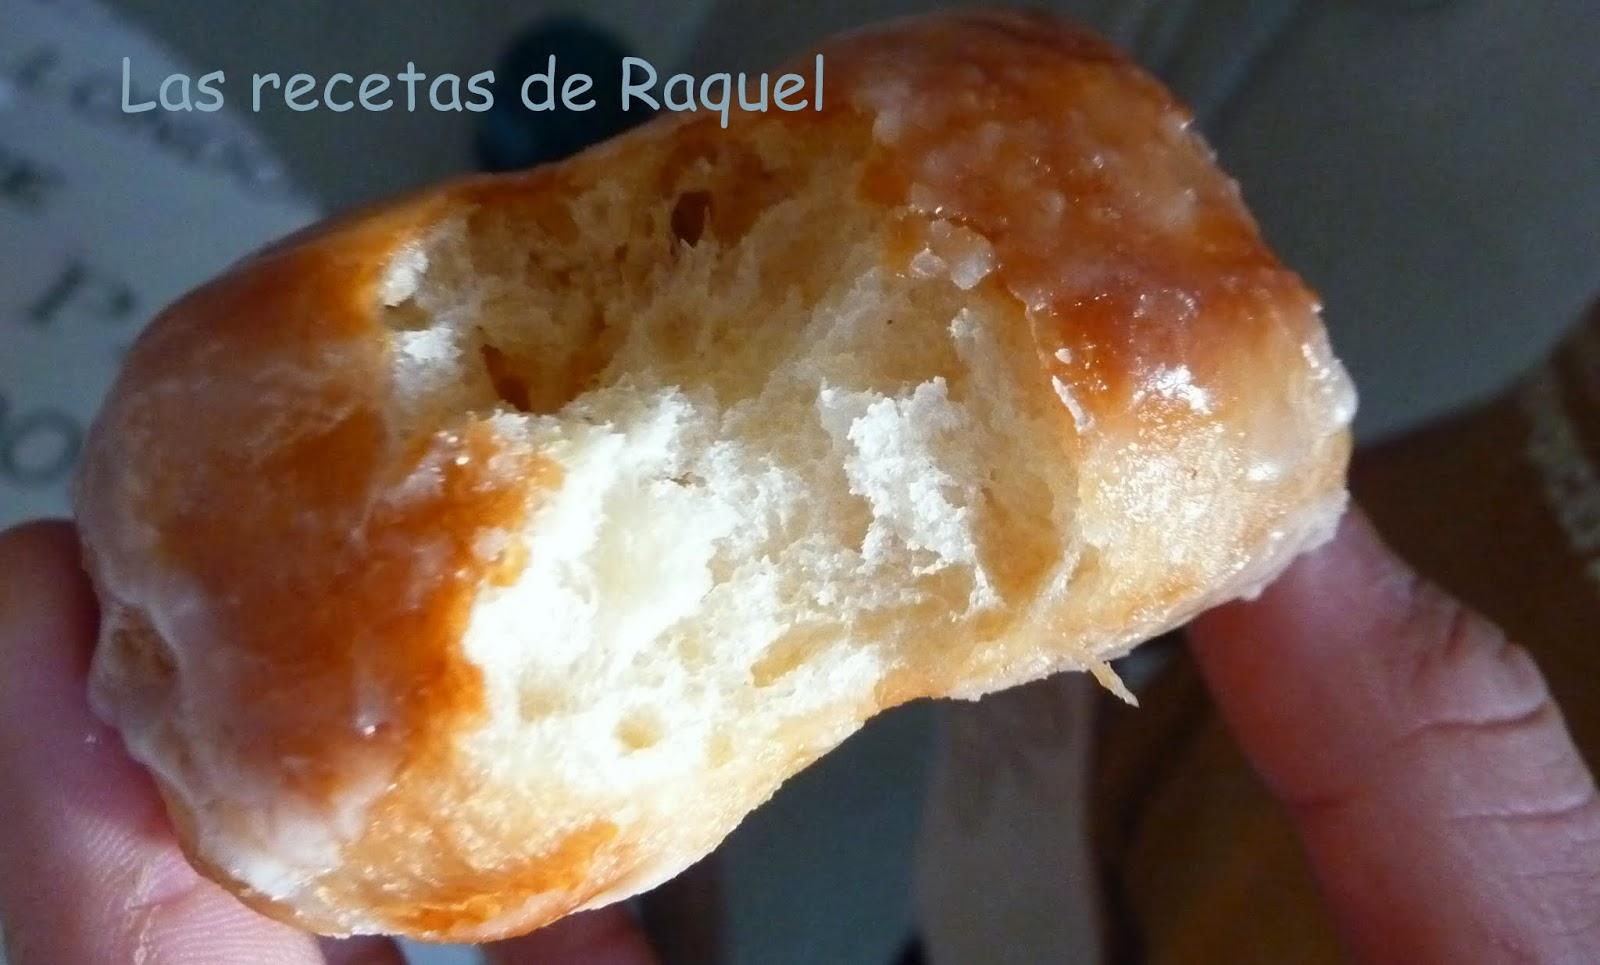 Donuts I